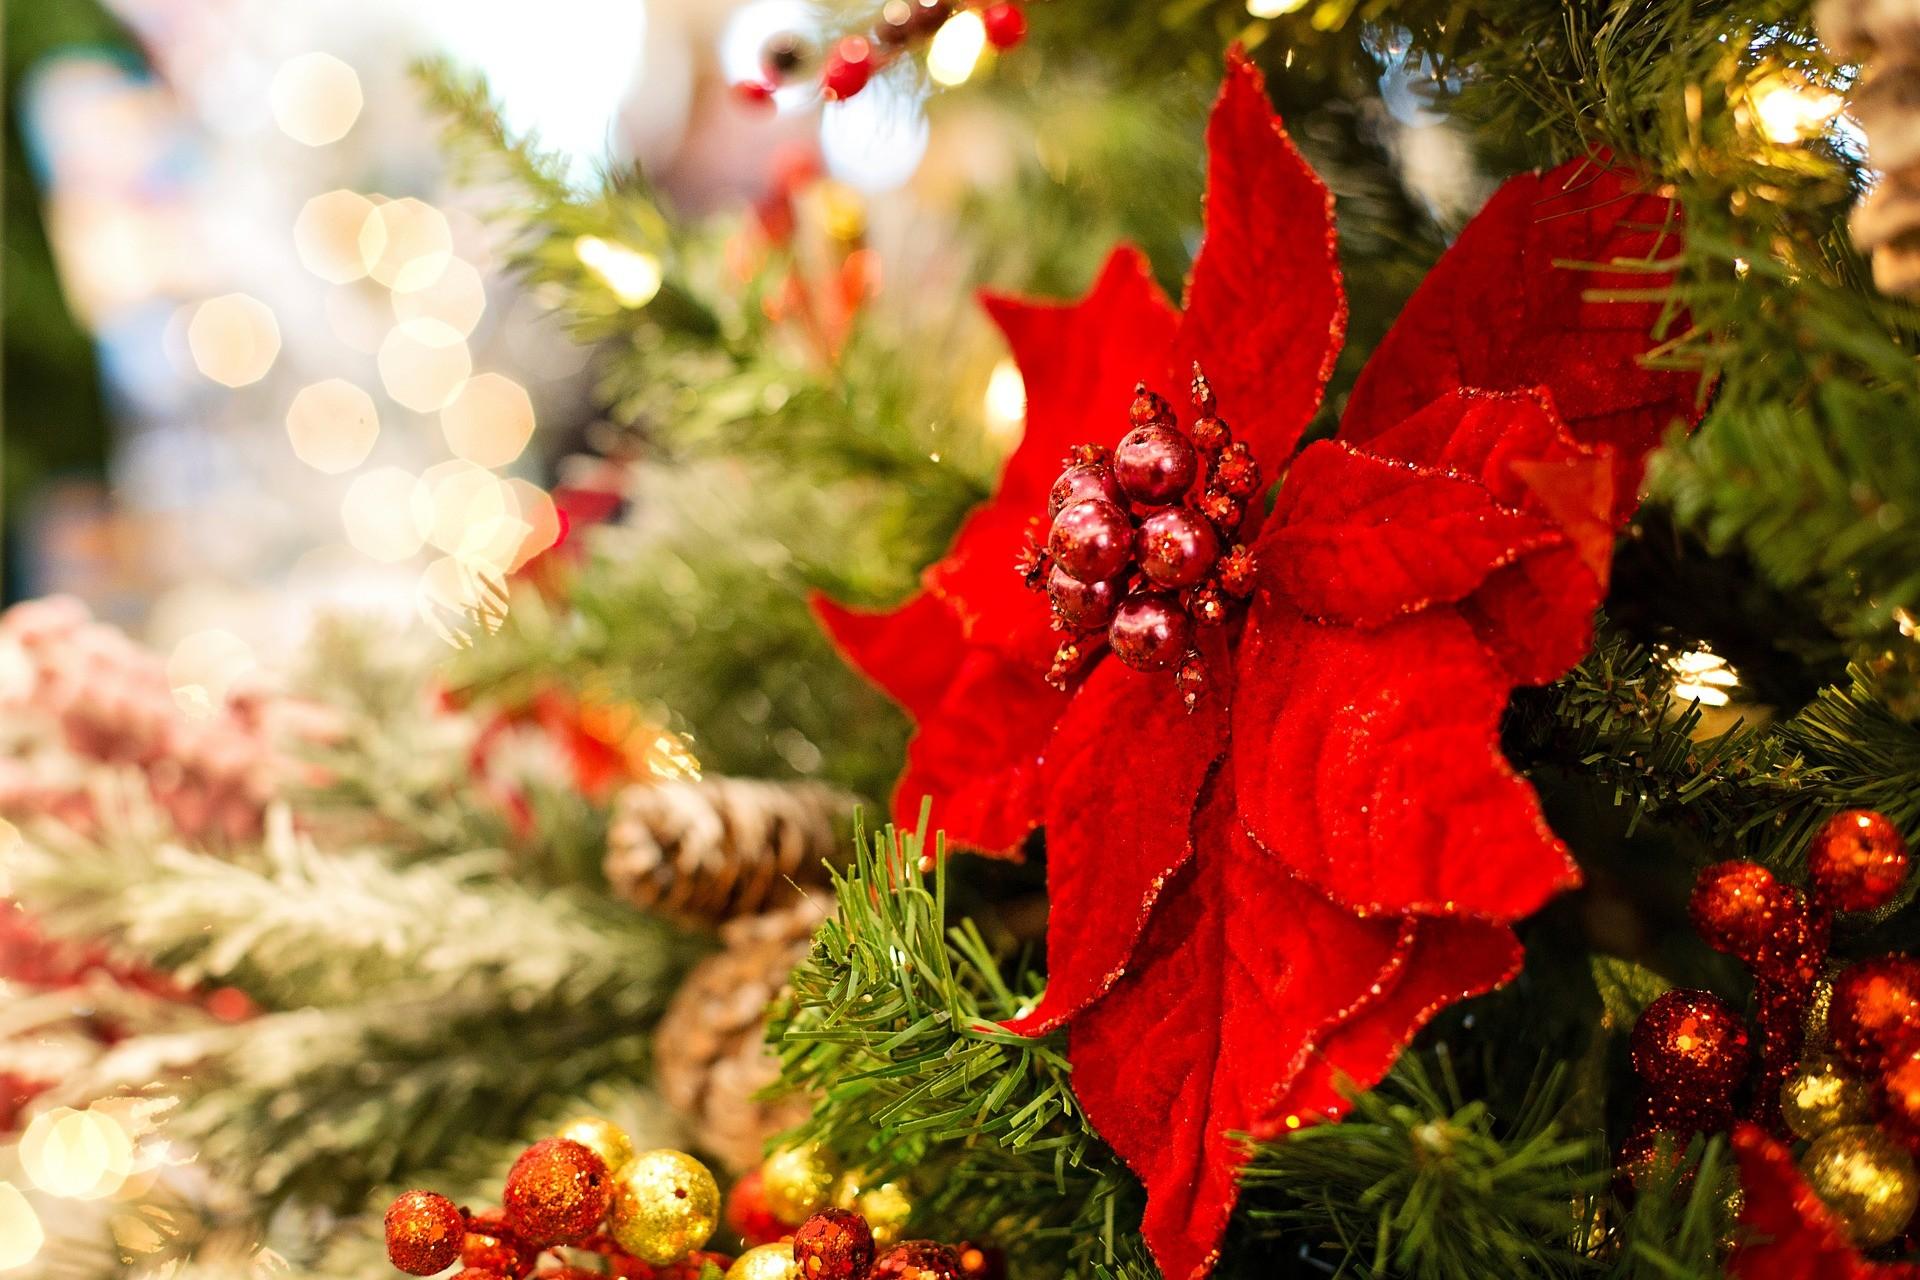 Pianta Ornamentale Con Bacche Rosse le cinque piante ornamentali del natale – info cilento